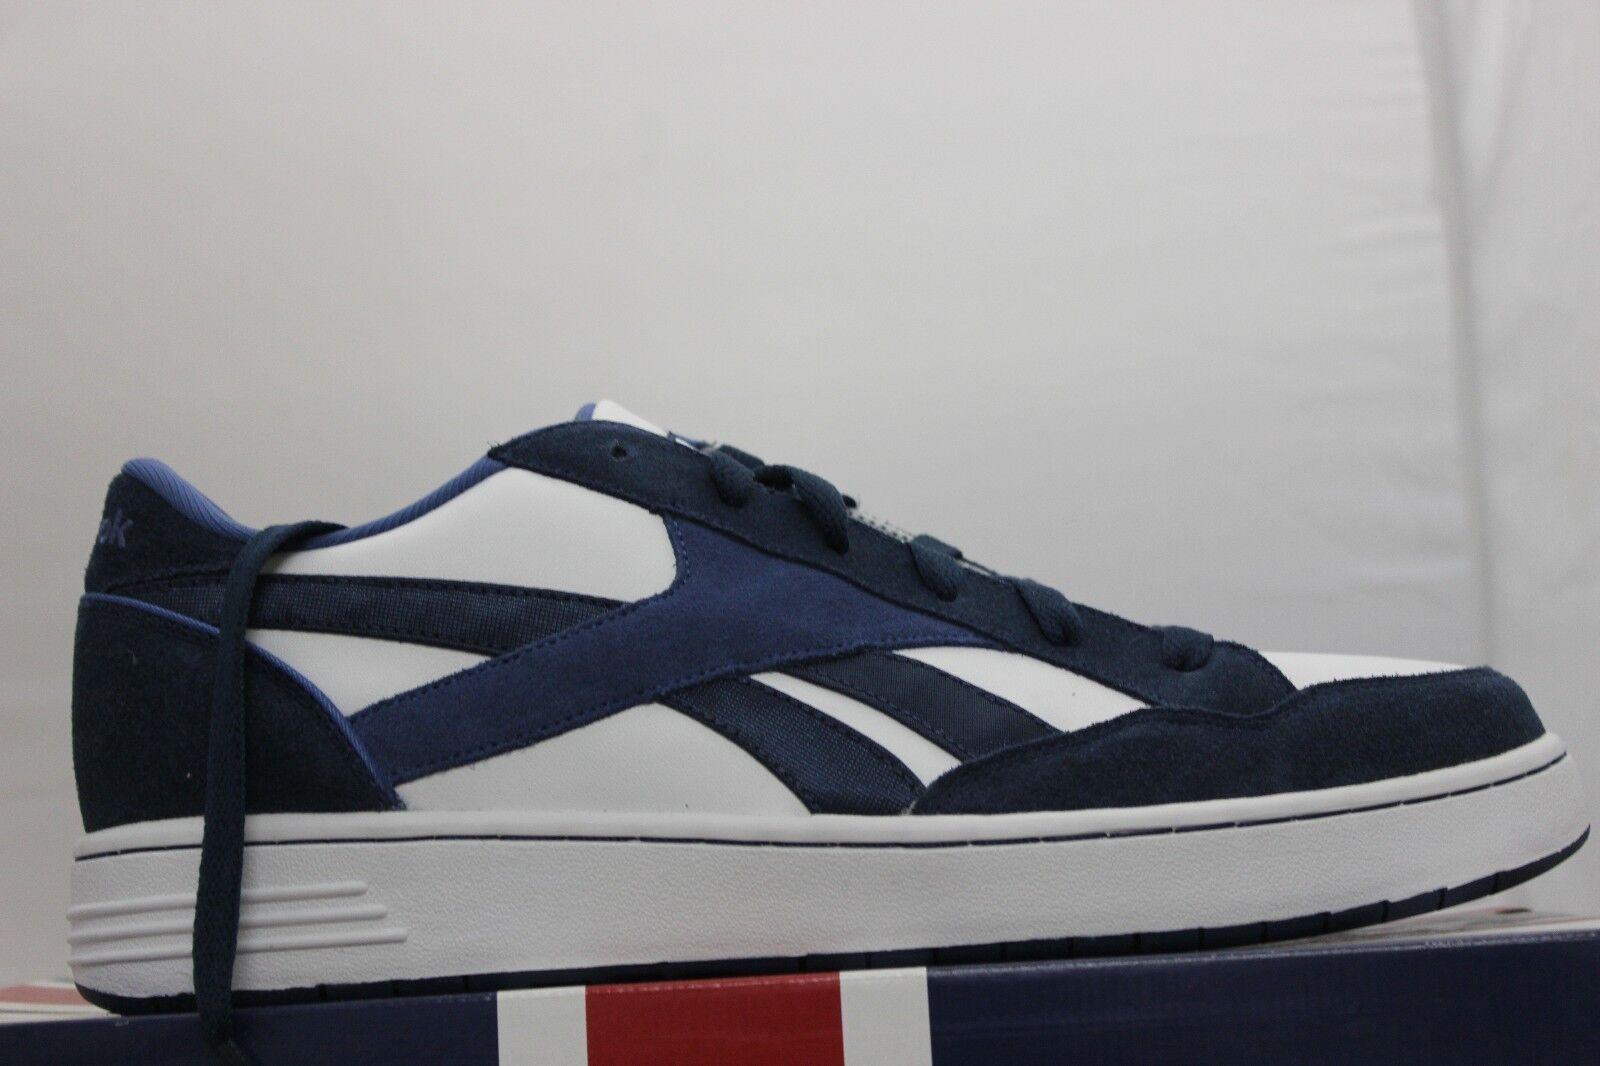 Reebok Cl Bb Zone Niedrig Tj Weiß-marine Brandneu Schuhe Schuhe Schuhe Klassiker Größe 12 9581d4